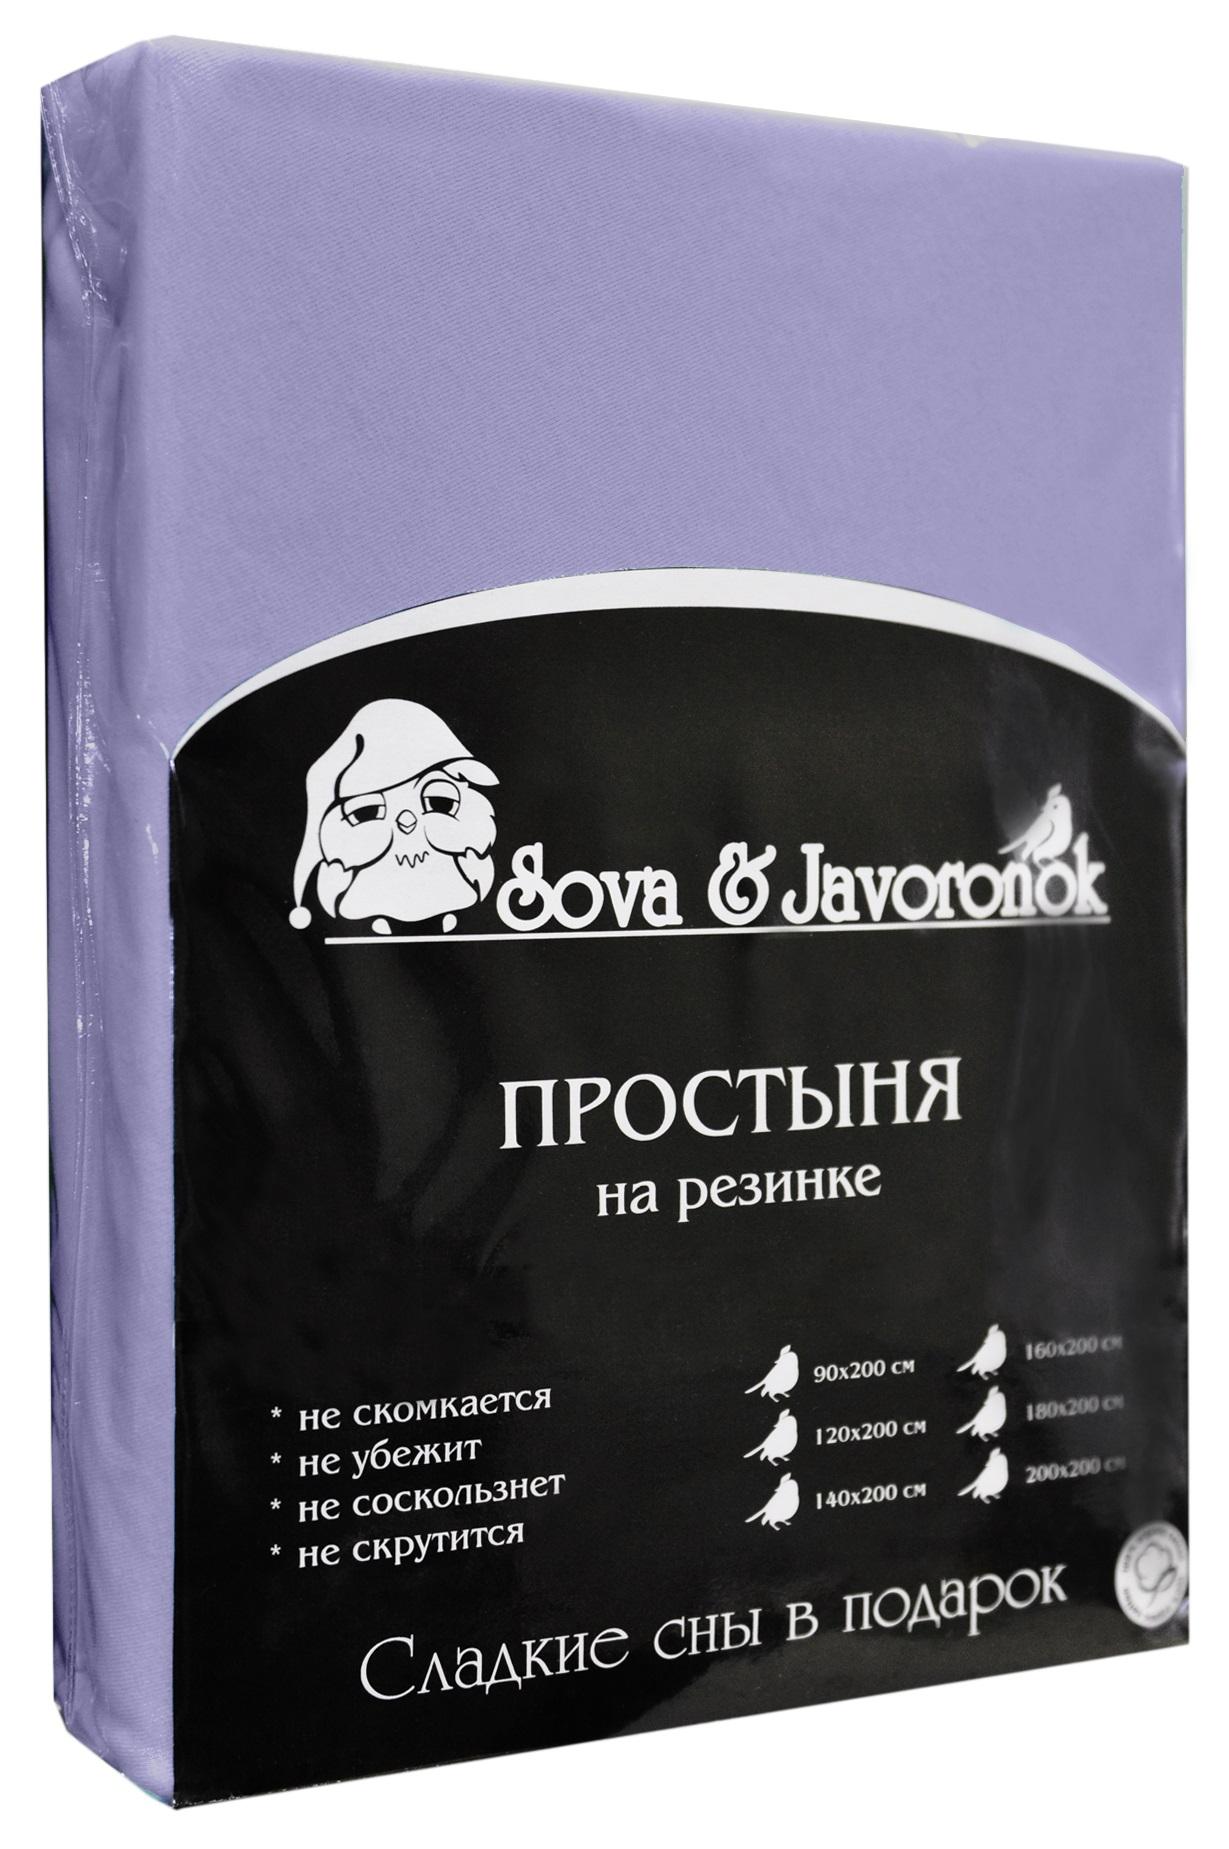 Простыня на резинке Sova & Javoronok, цвет: сиреневый, 140 см х 200 см08030115073Простыня на резинке Sova & Javoronok, изготовленная из трикотажной ткани (100% хлопок), будет превосходно смотреться с любыми комплектами белья. Хлопчатобумажный трикотаж по праву считается одним из самых качественных, прочных и при этом приятных на ощупь. Его гигиеничность позволяет использовать простыню и в детских комнатах, к тому же 100%-ый хлопок в составе ткани не вызовет аллергии. У трикотажного полотна очень интересная структура, немного рыхлая за счет отсутствия плотного переплетения нитей и наличия особых петель, благодаря этому простыня Сова и Жаворонок отлично пропускает воздух и способствует его постоянной циркуляции. Поэтому ваша постель будет всегда оставаться свежей. Но главное и, пожалуй, самое известное свойство трикотажа - это его великолепная растяжимость, поэтому эта ткань и была выбрана для натяжной простыни на резинке.Простыня прошита резинкой по всему периметру, что обеспечивает более комфортный отдых, так как она прочно удерживается на матрасе и избавляет от необходимости часто поправлять простыню.